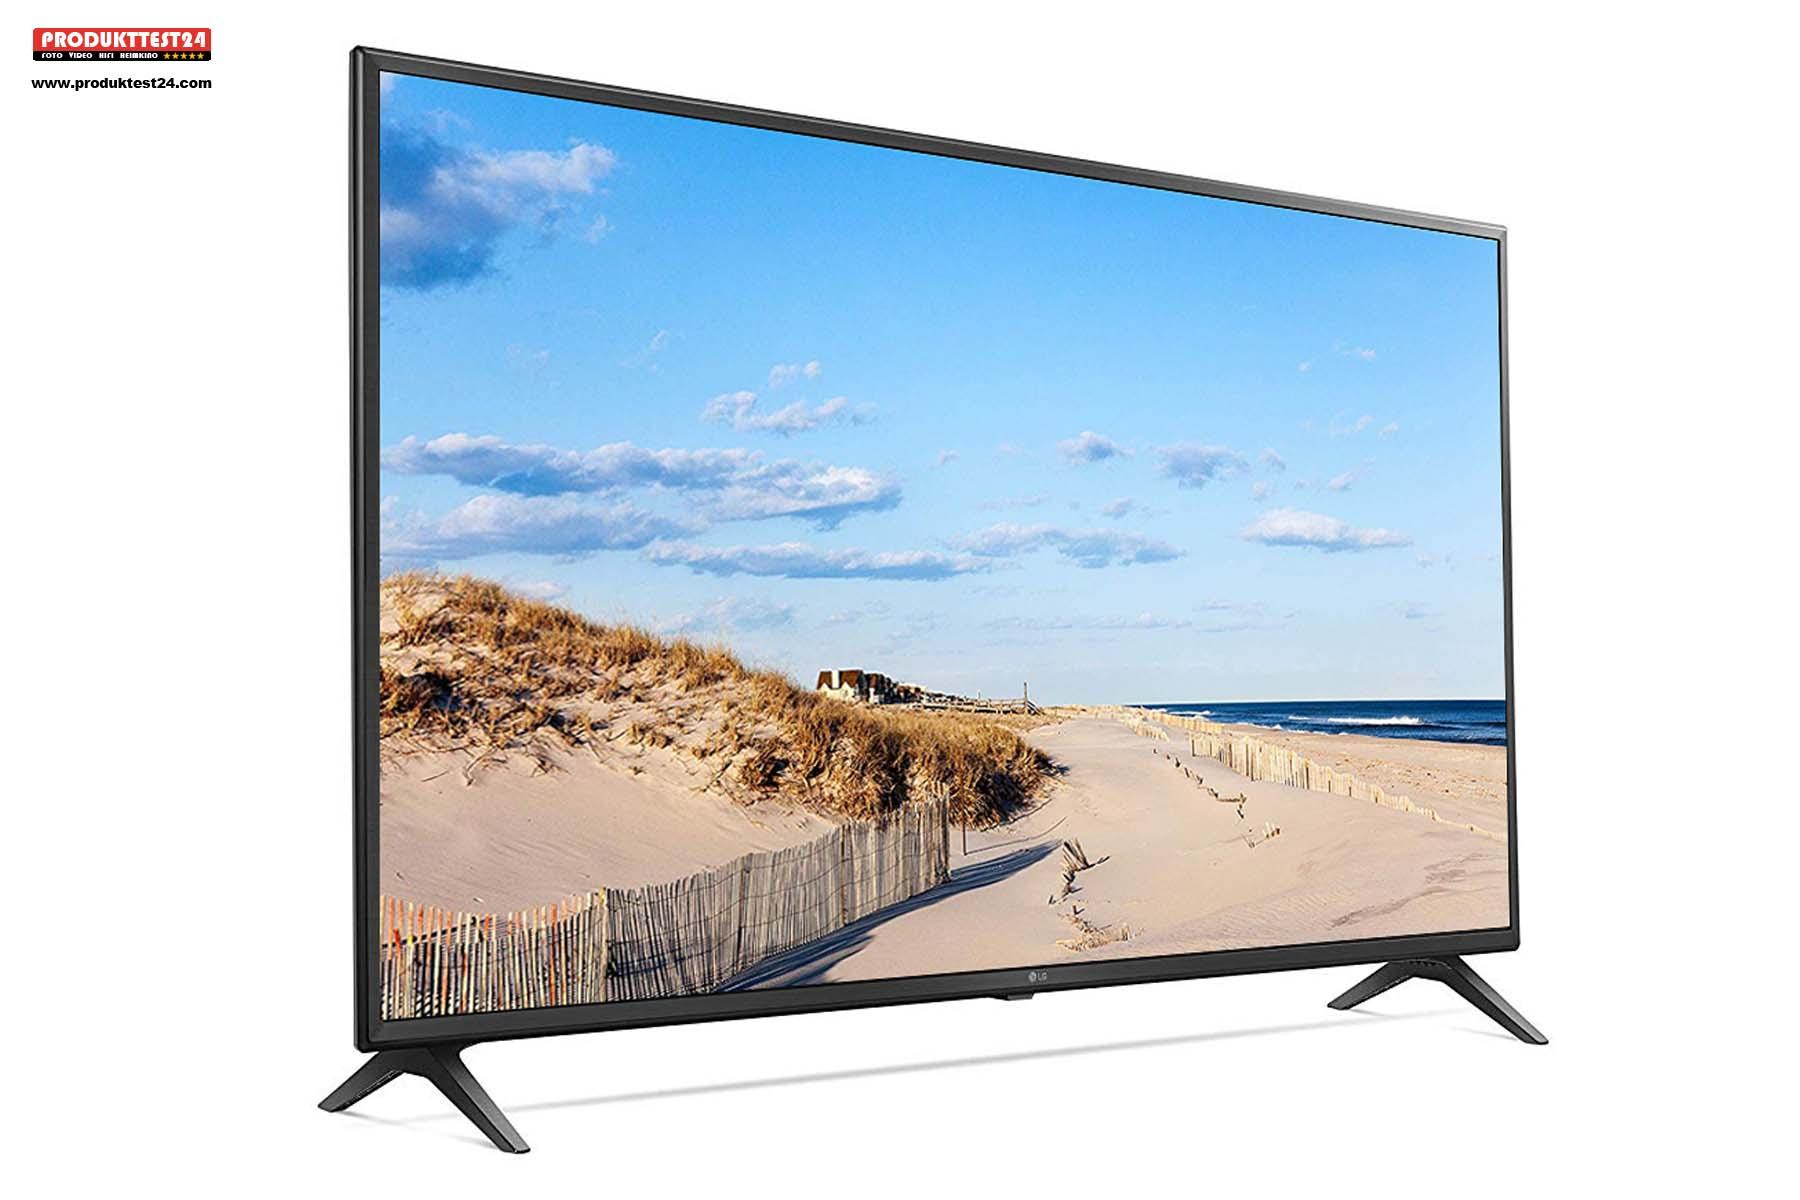 75 Zoll (189 cm) Bilddiagonale und volle 4K Ultra HD Auflösung.